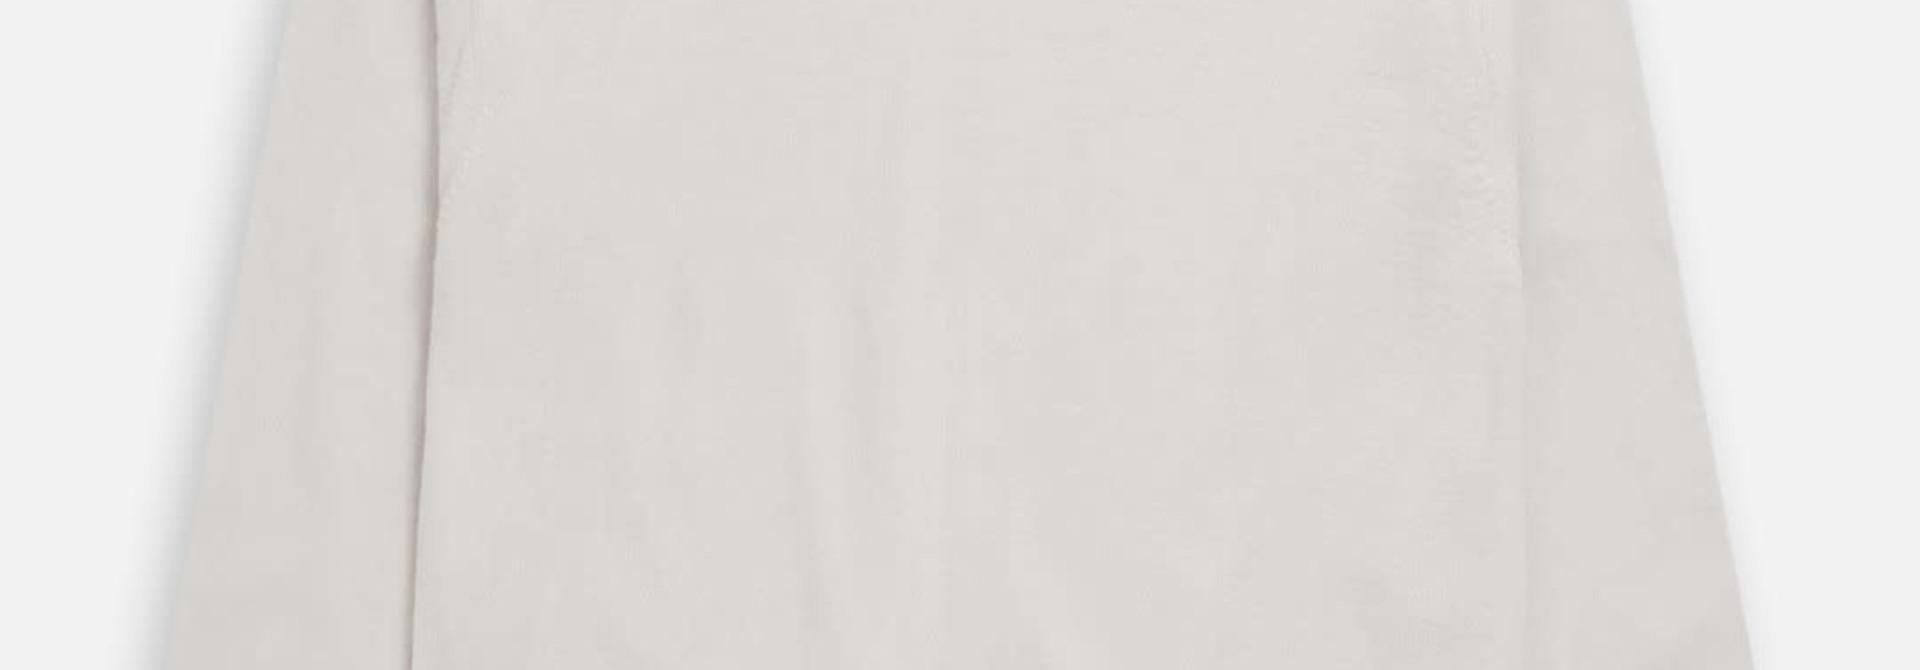 crewneck jumper antique white